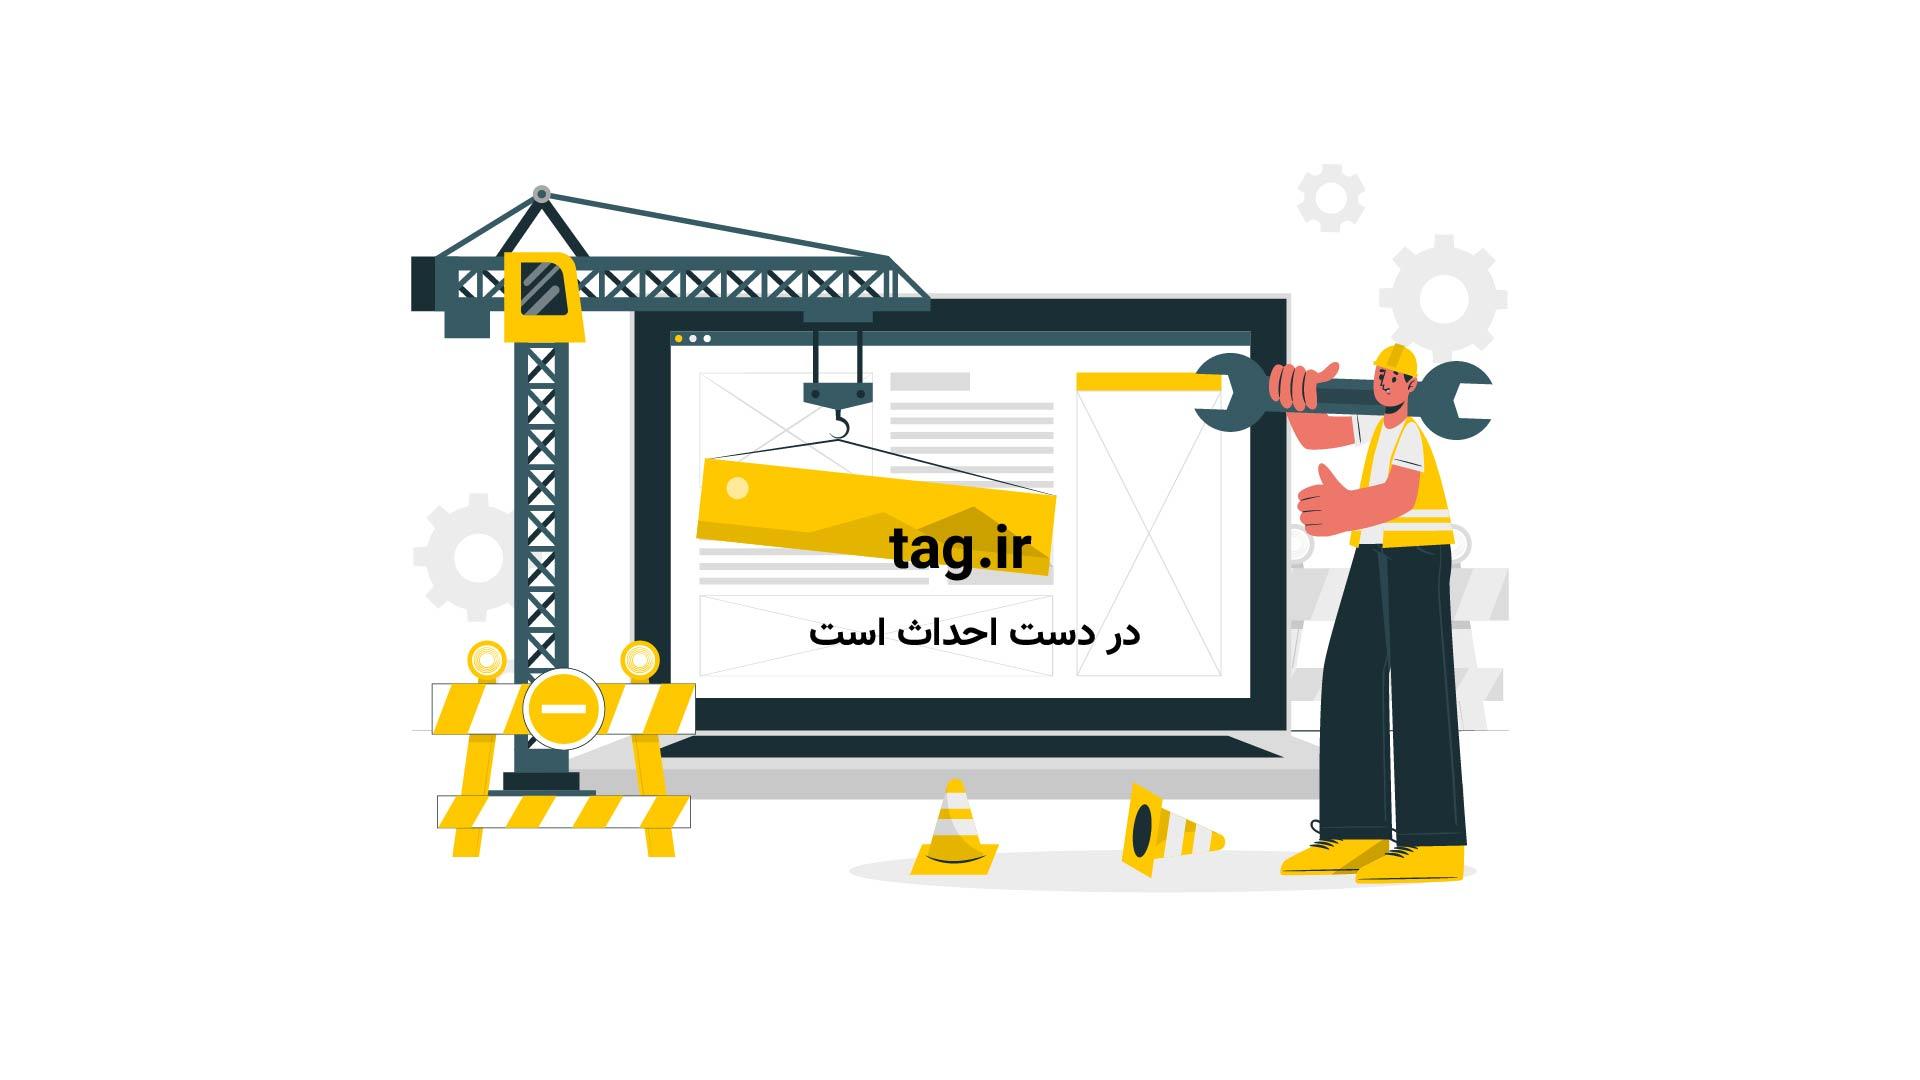 آموزش درست کردن قطار اسباب بازی با پاکت شیر | فیلم